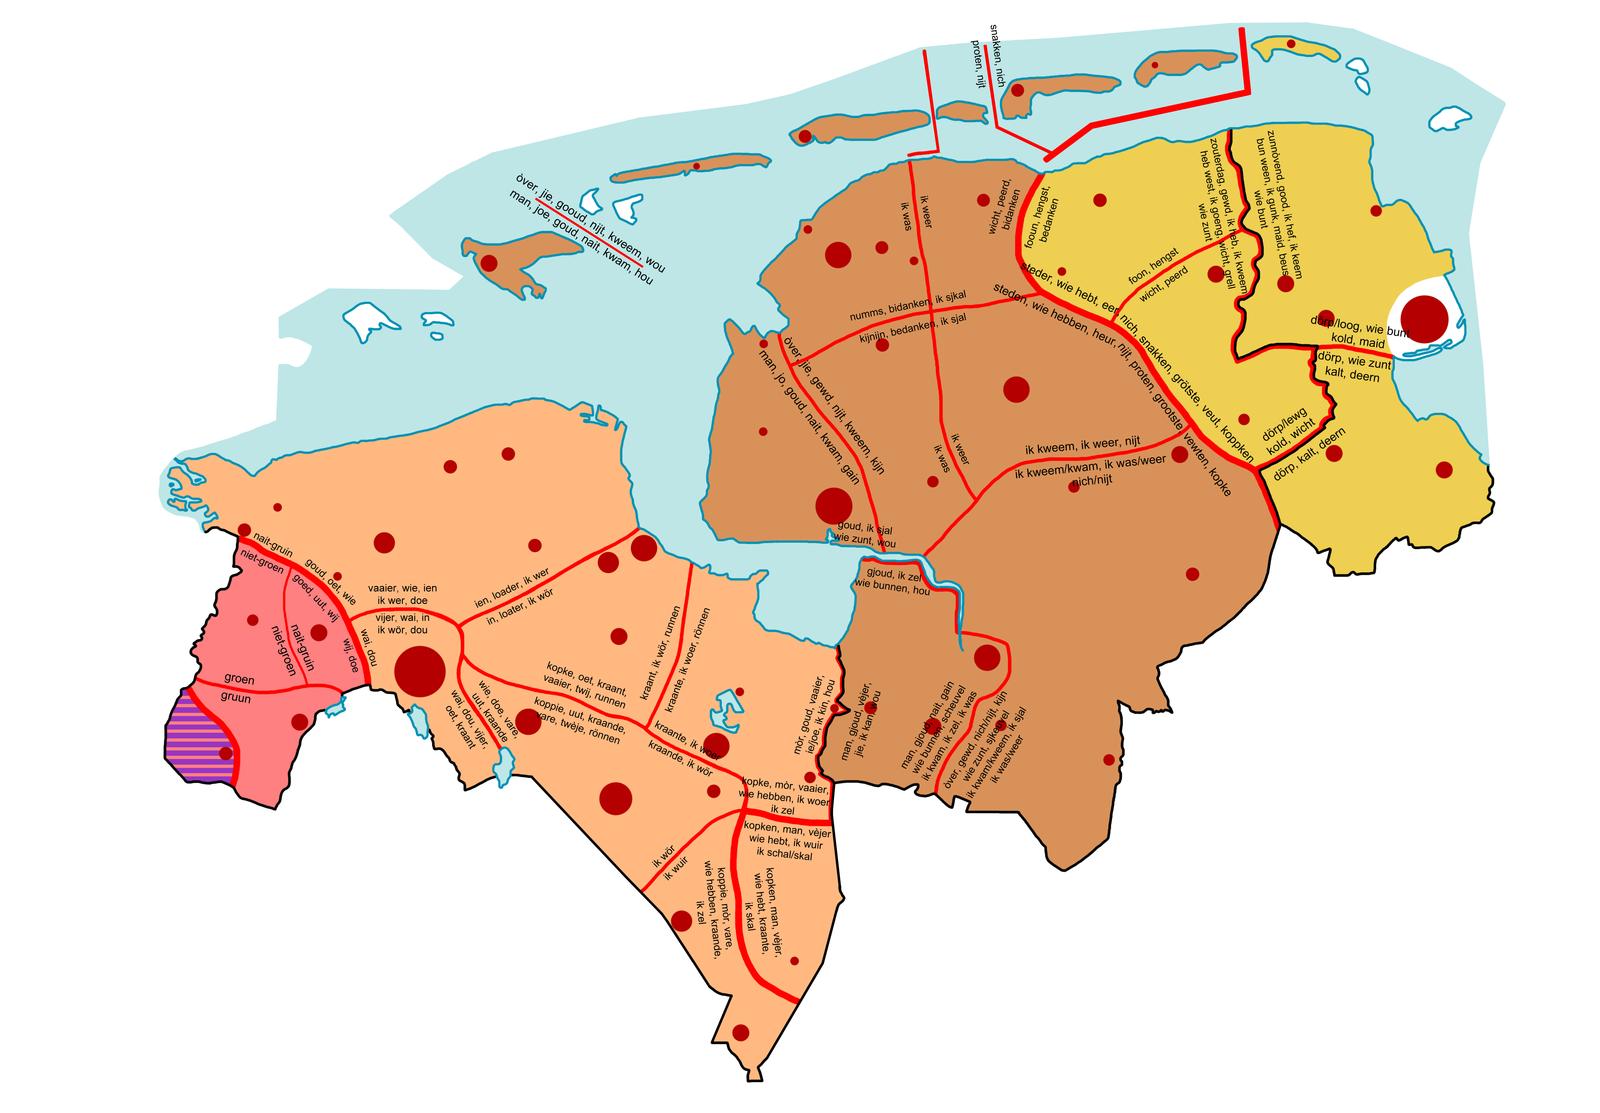 Groninga y Oost-Friesland